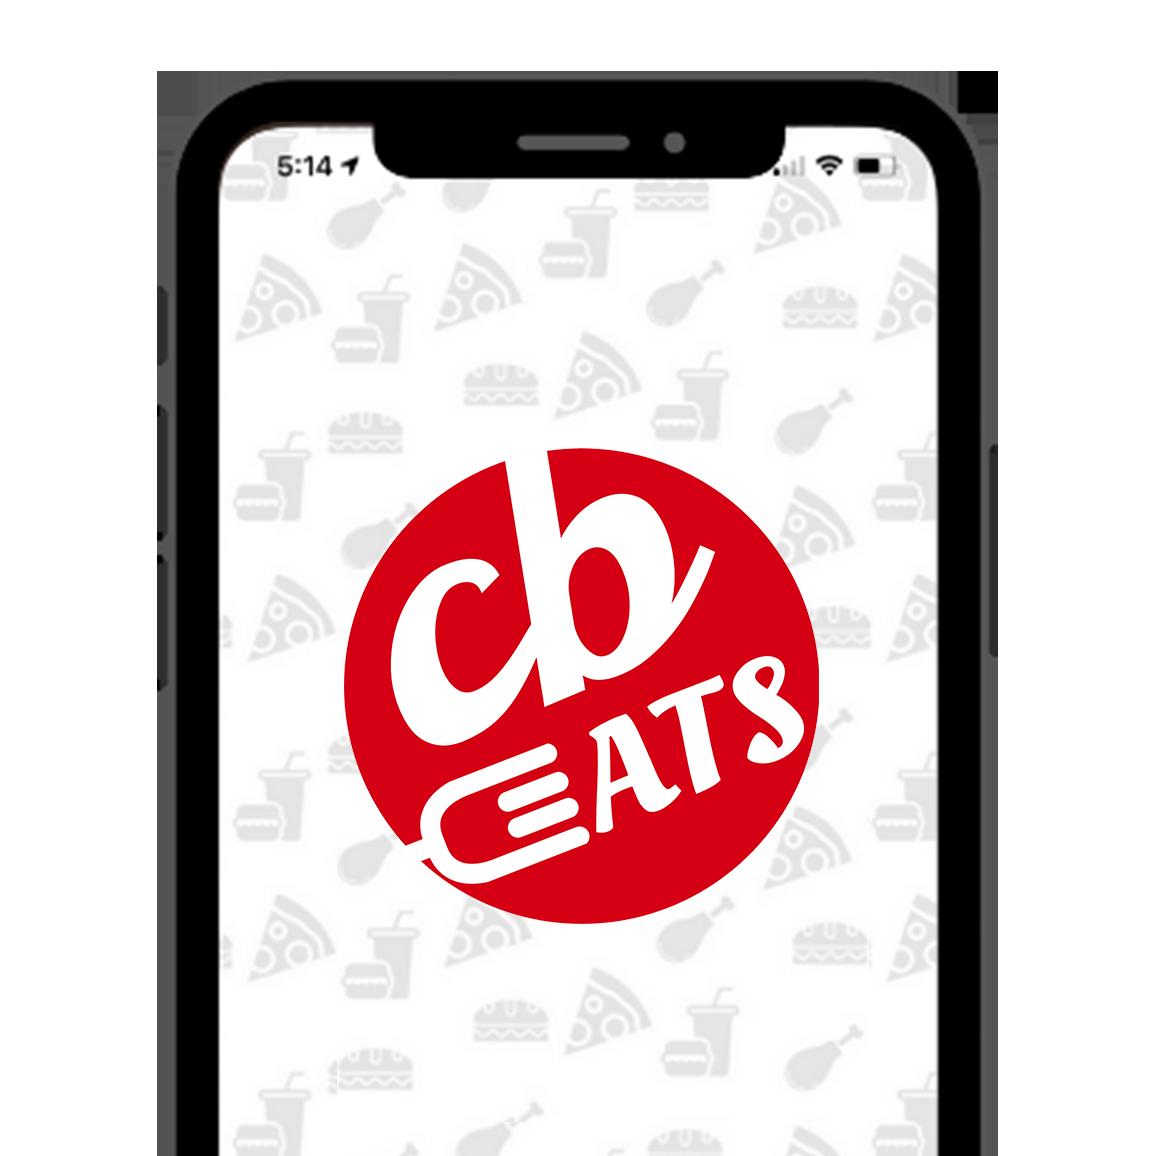 CB Eats